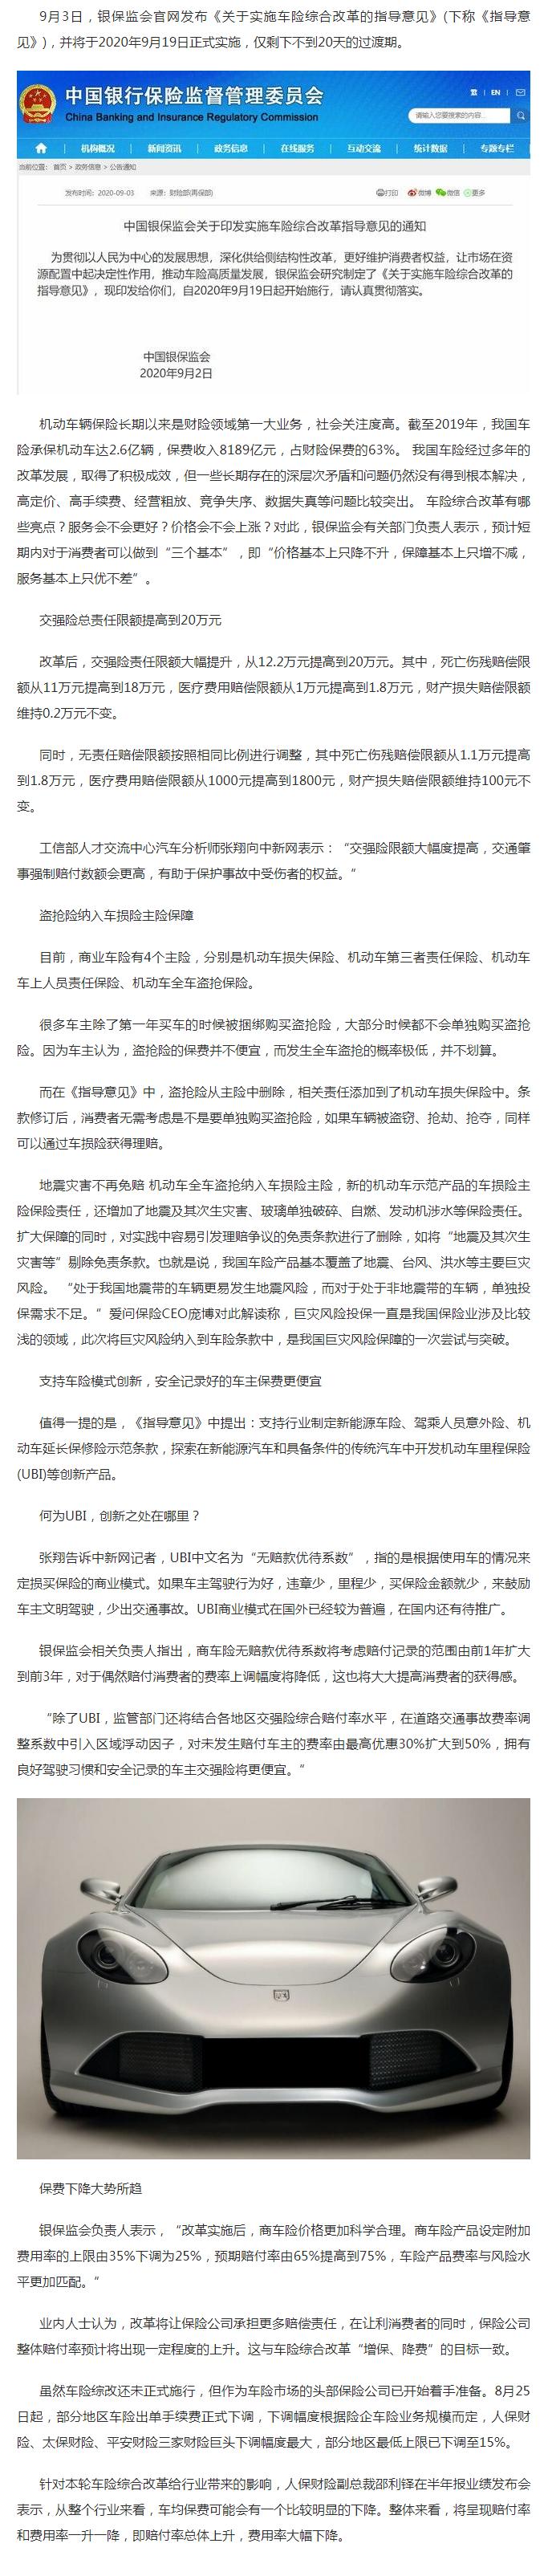 车险综合改革9月19日正式实施